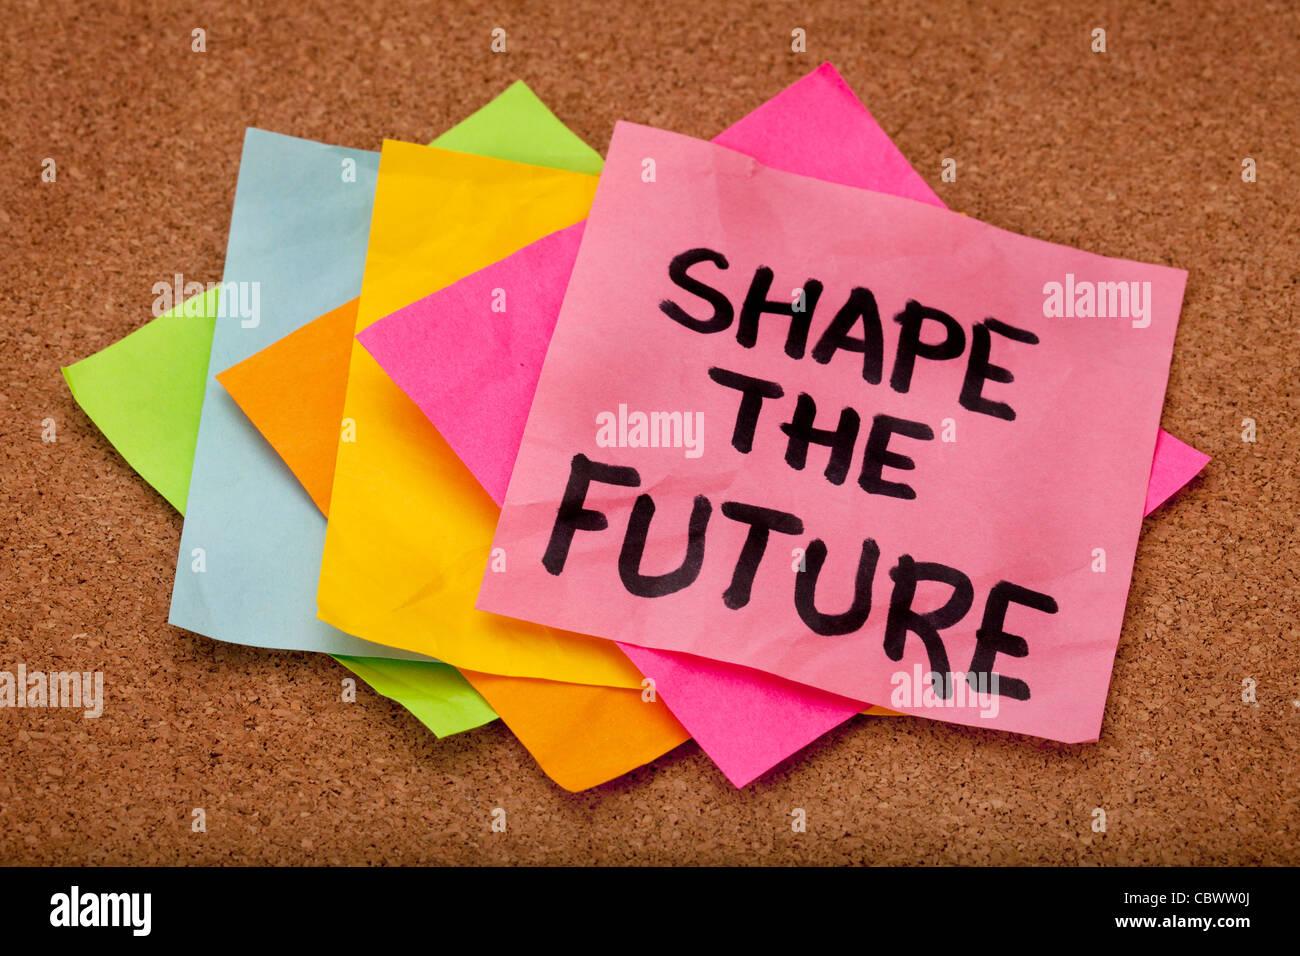 Moldear el futuro, lema motivacional, coloridas notas rápidas en el tablón de anuncios de corcho Imagen De Stock